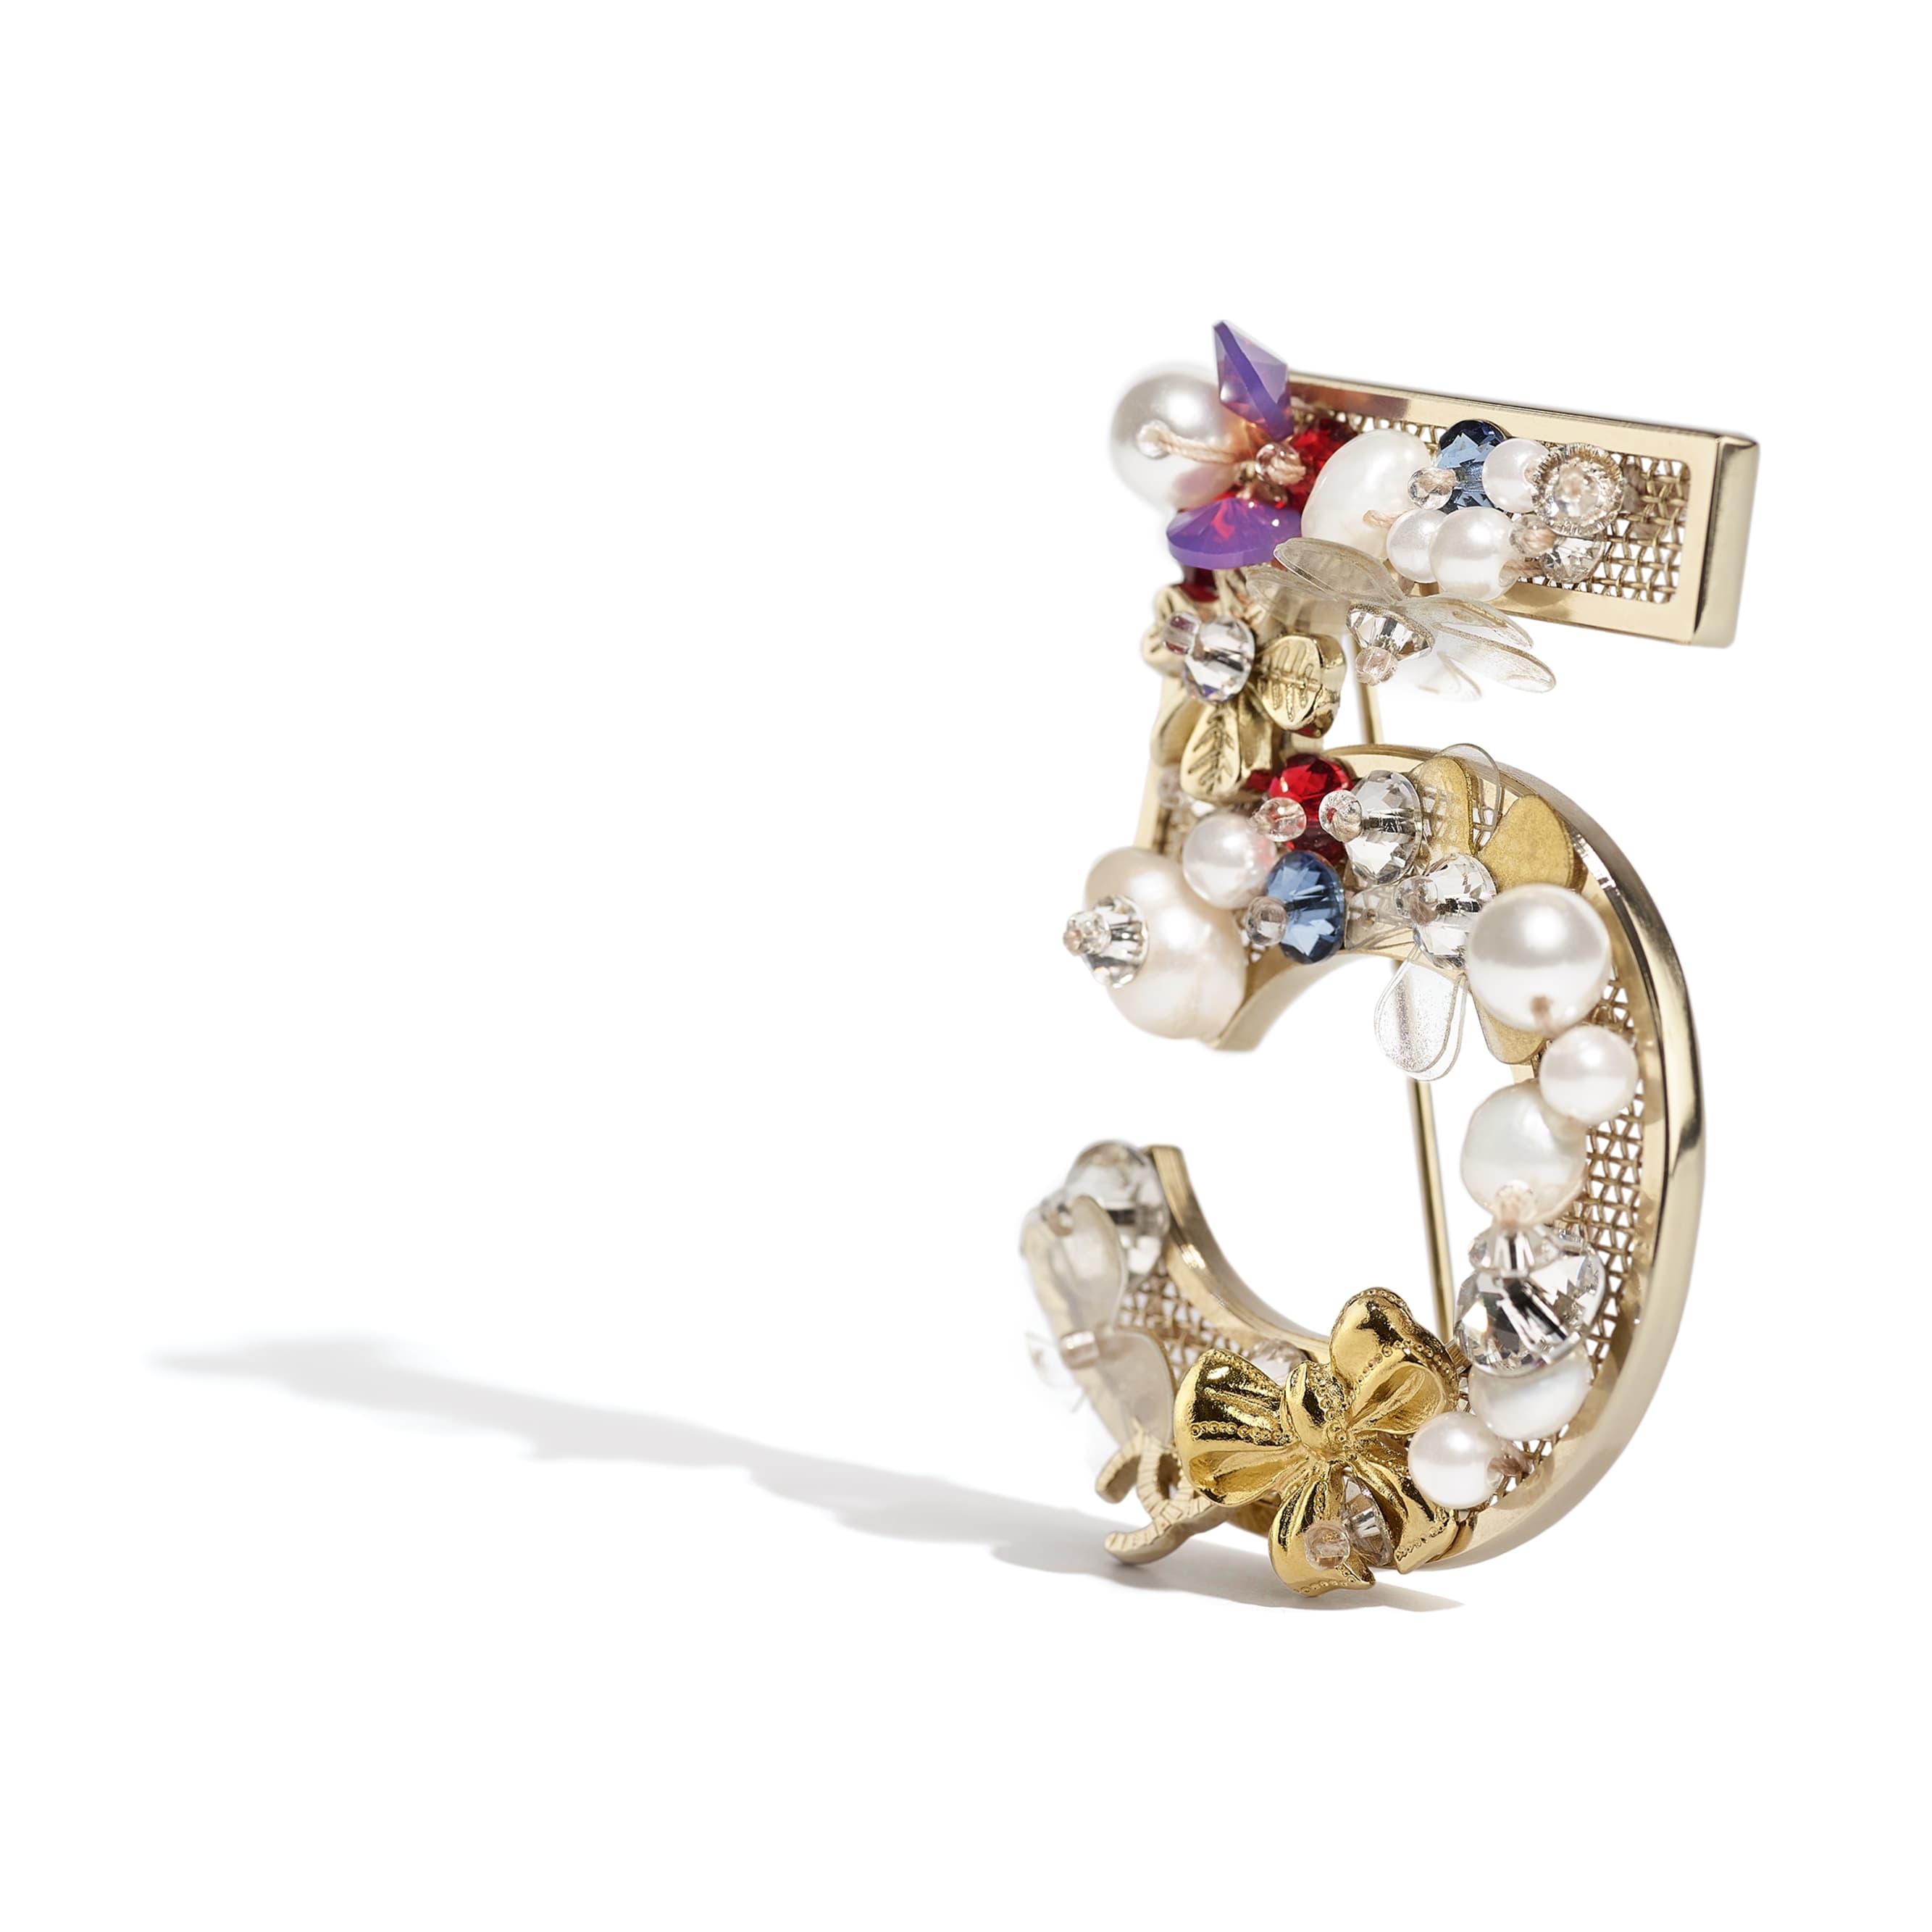 Broche - Dorado, blanco nacarado, cristal, rojo, azul y violeta - Metal, perlas cultivadas de agua dulce, perlas de cristal y resina - CHANEL - Vista alternativa - ver la versión tamaño estándar